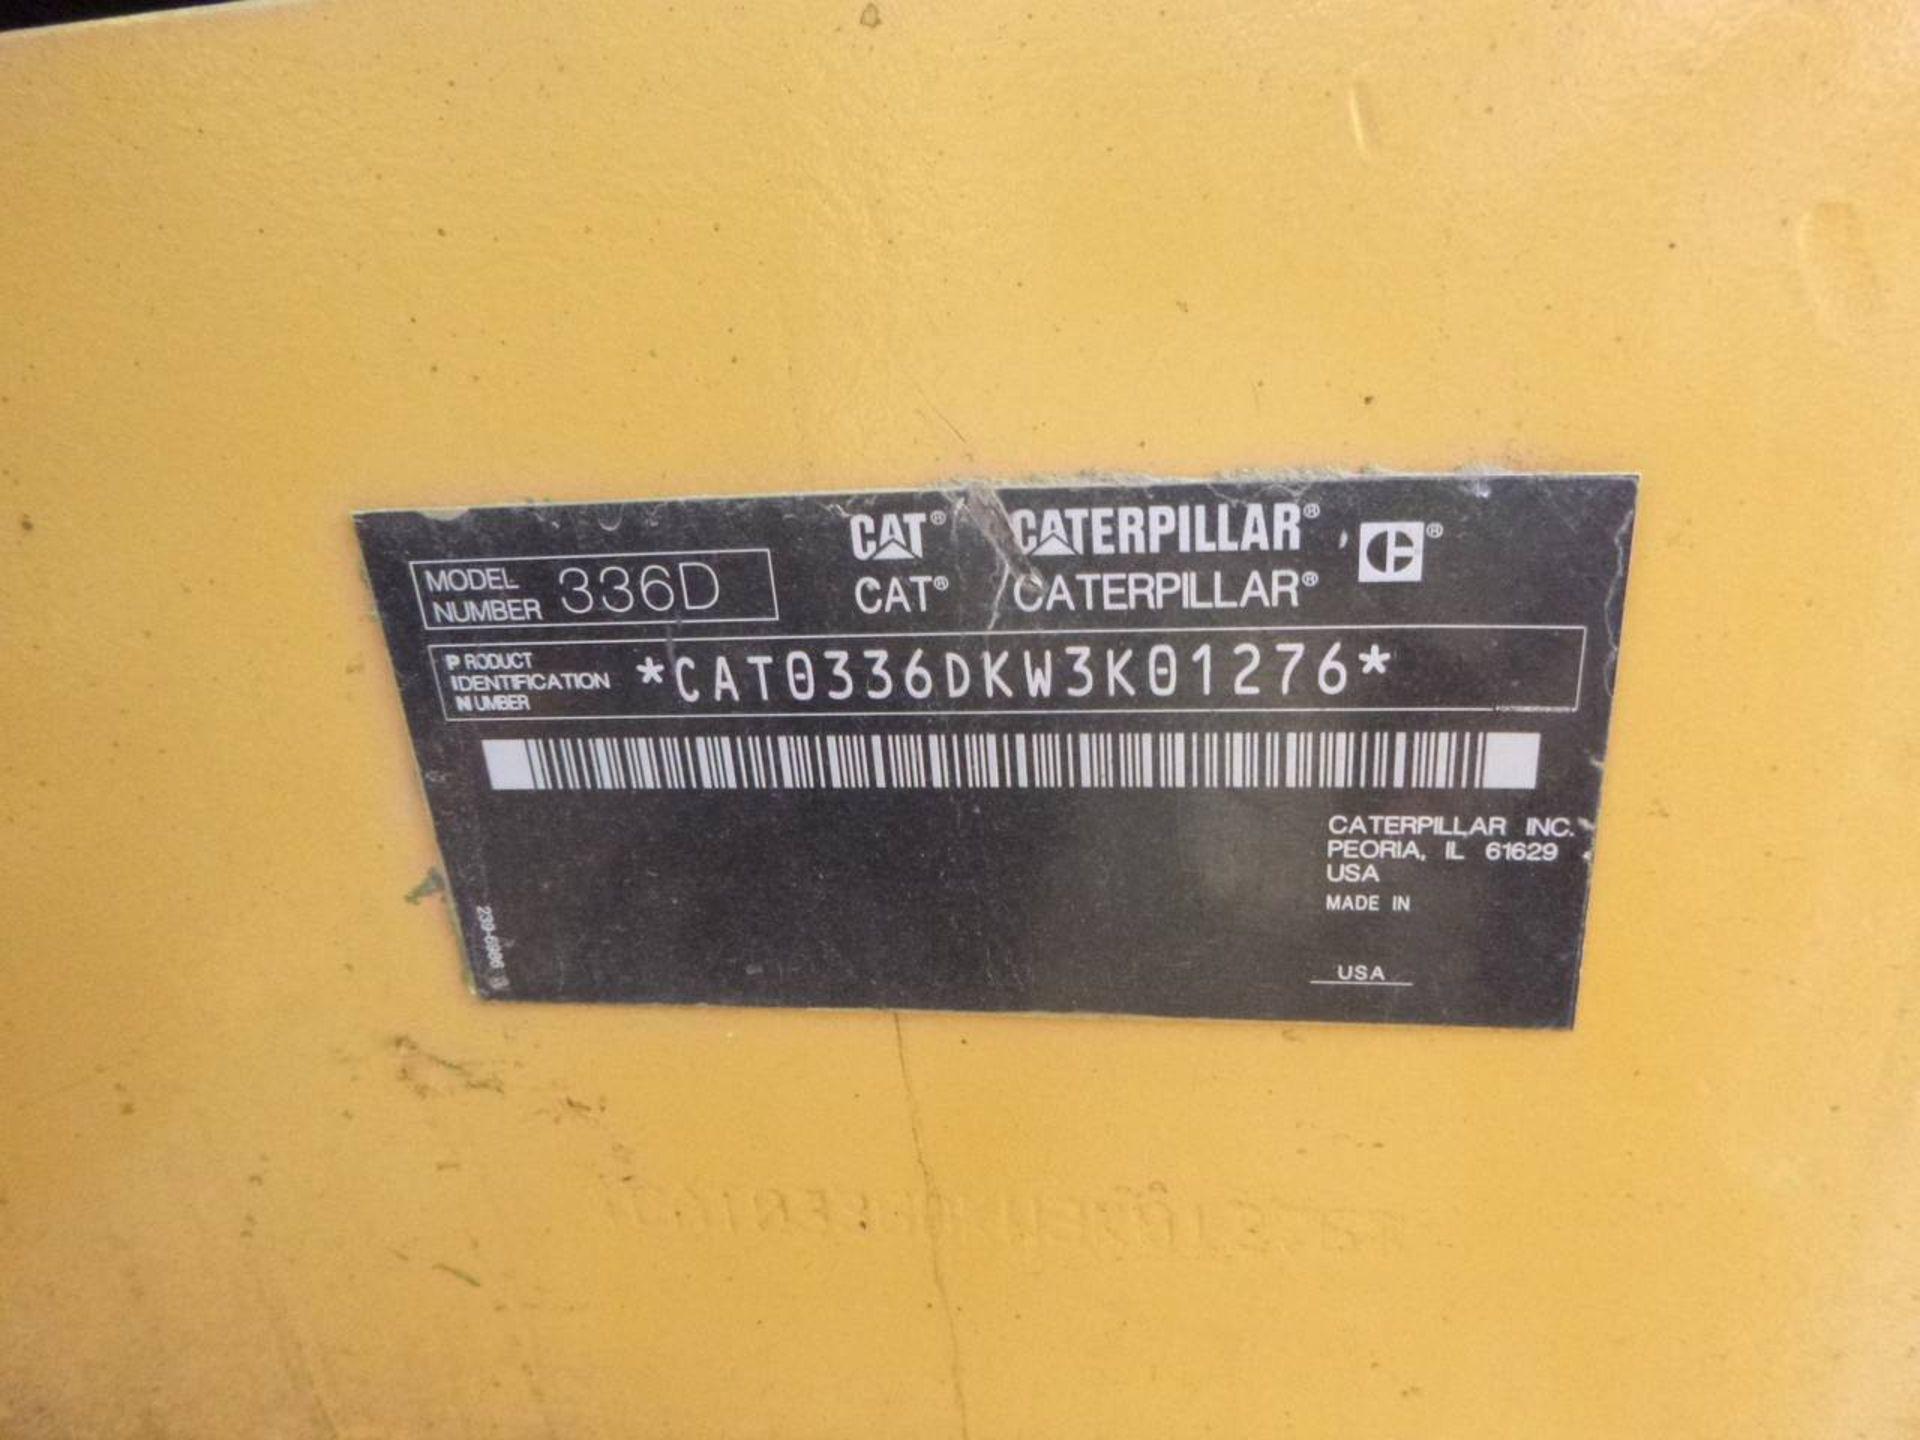 2010 Caterpillar 336D L Excavator - Image 8 of 13